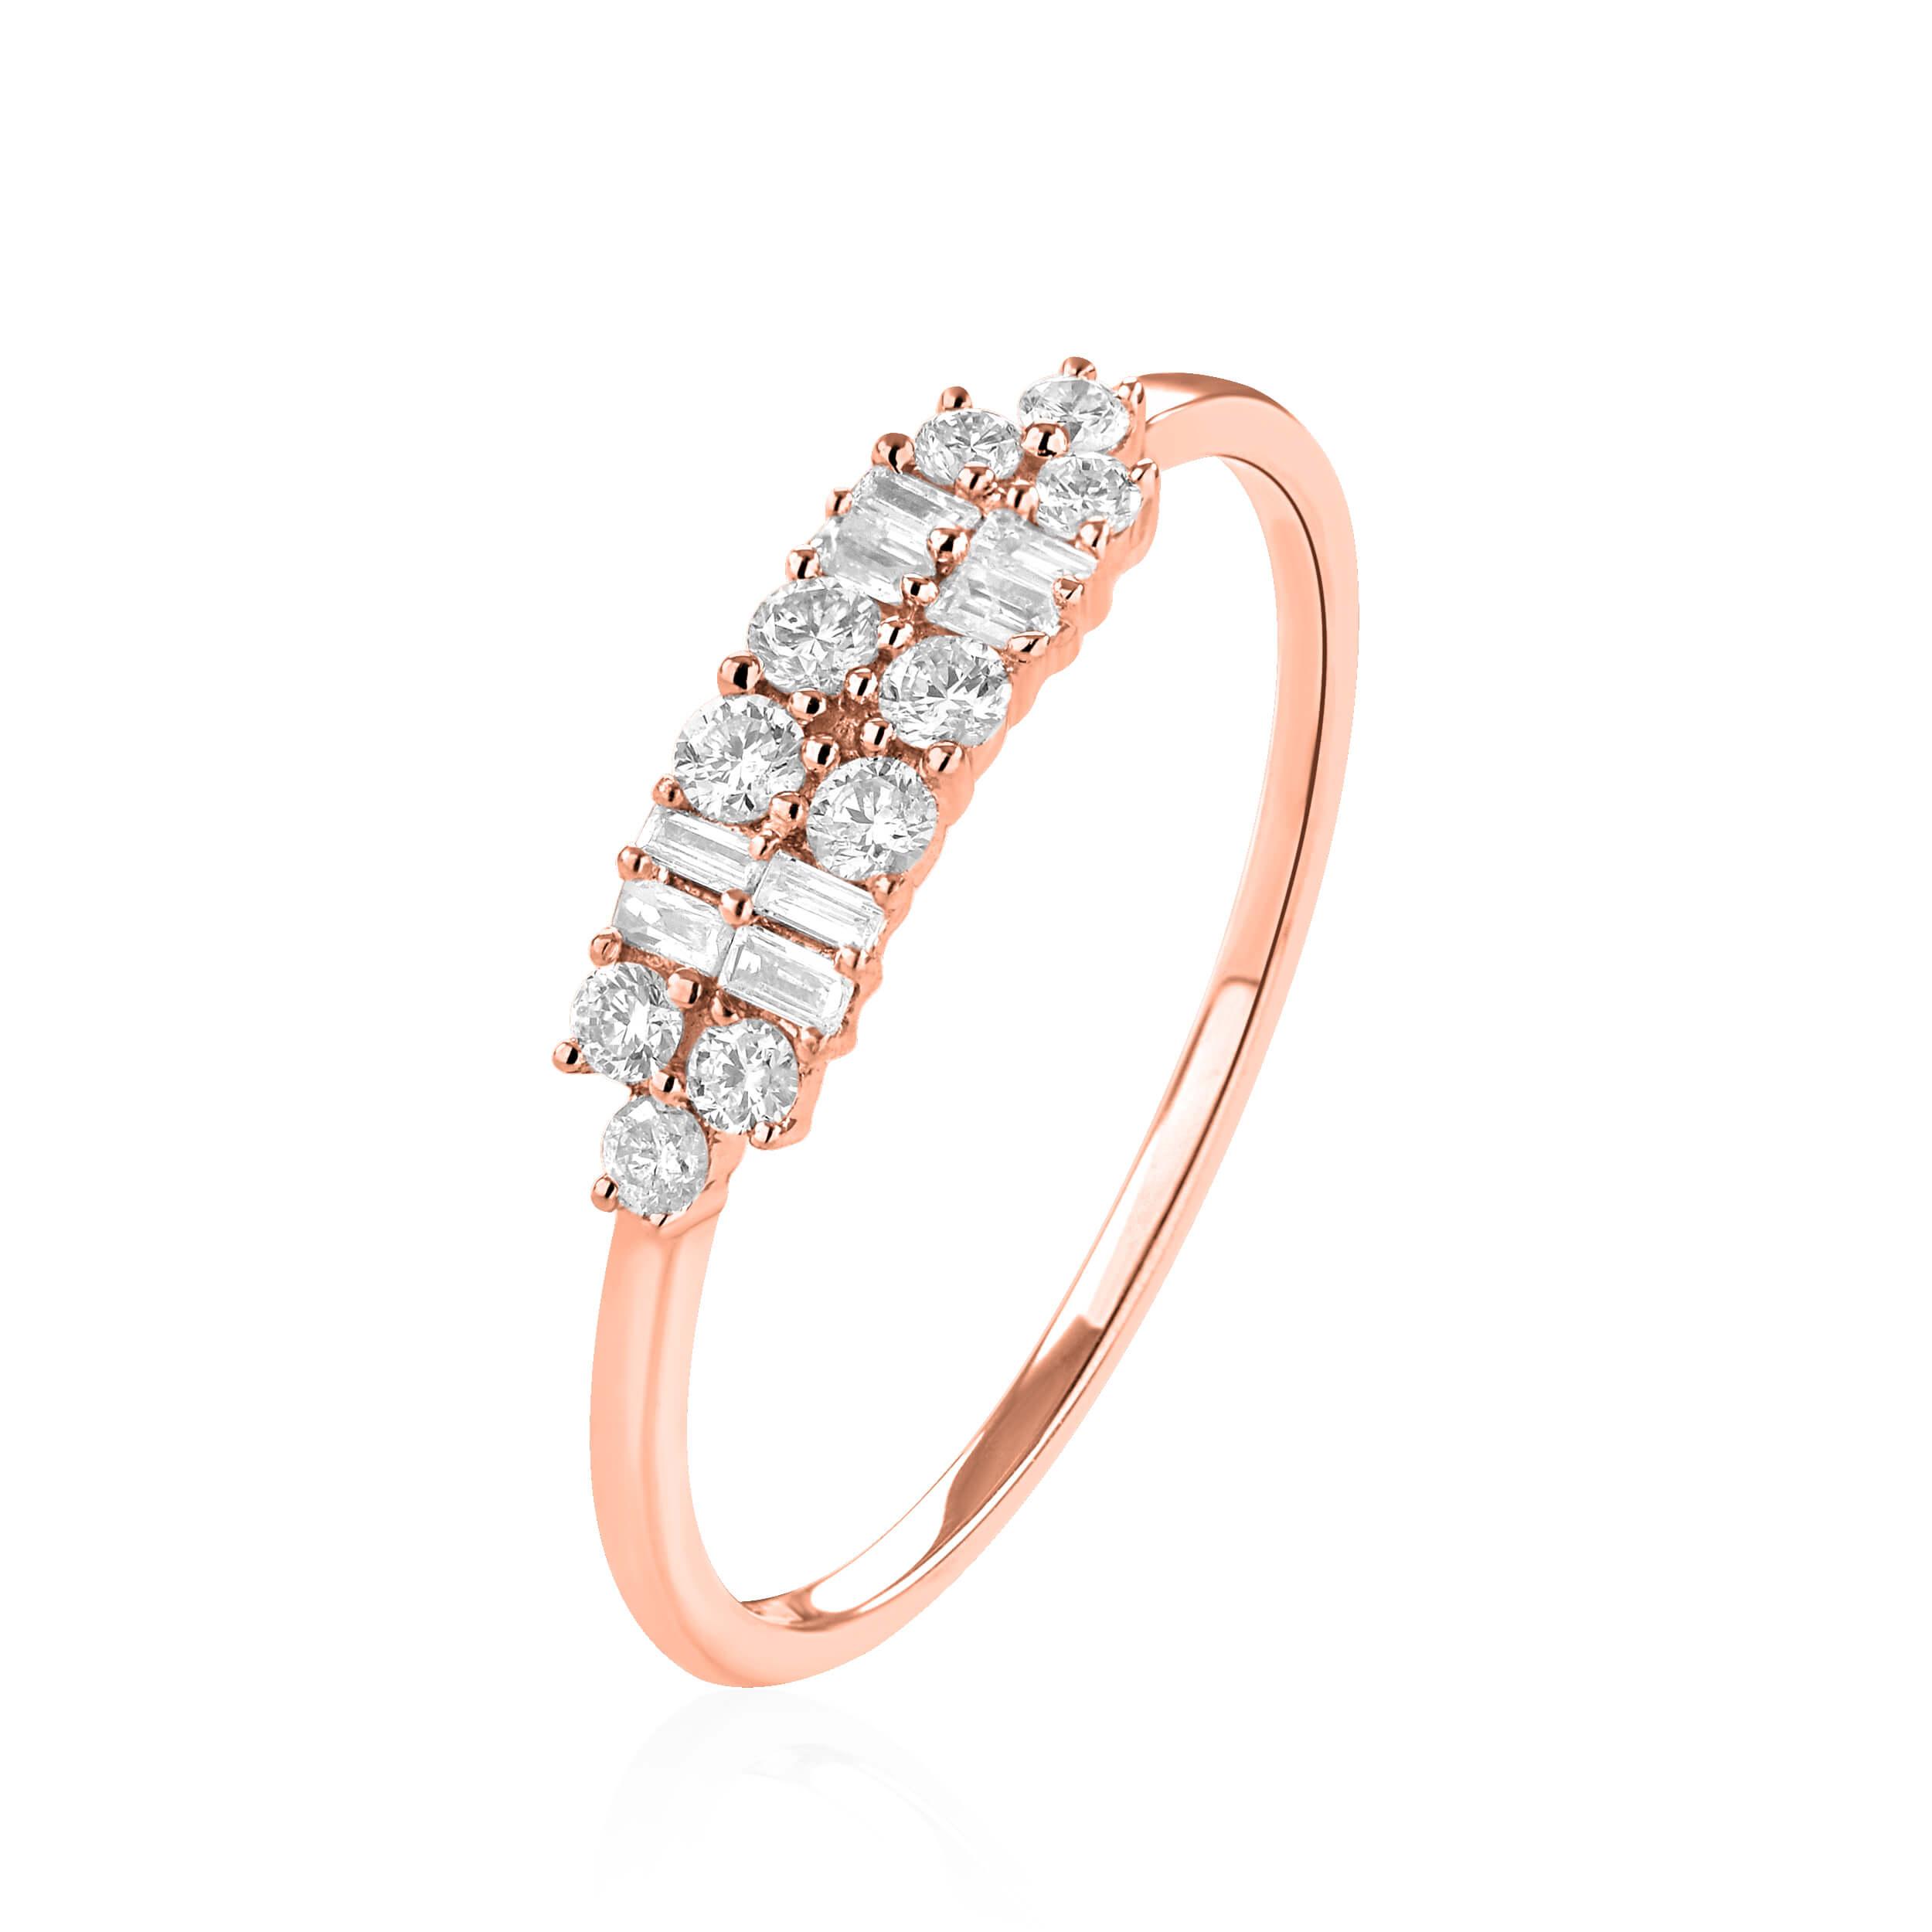 בלתי רגיל טבעת יהלומים זהב אדום 14 קראט - טבעות יהלומים BJ-75